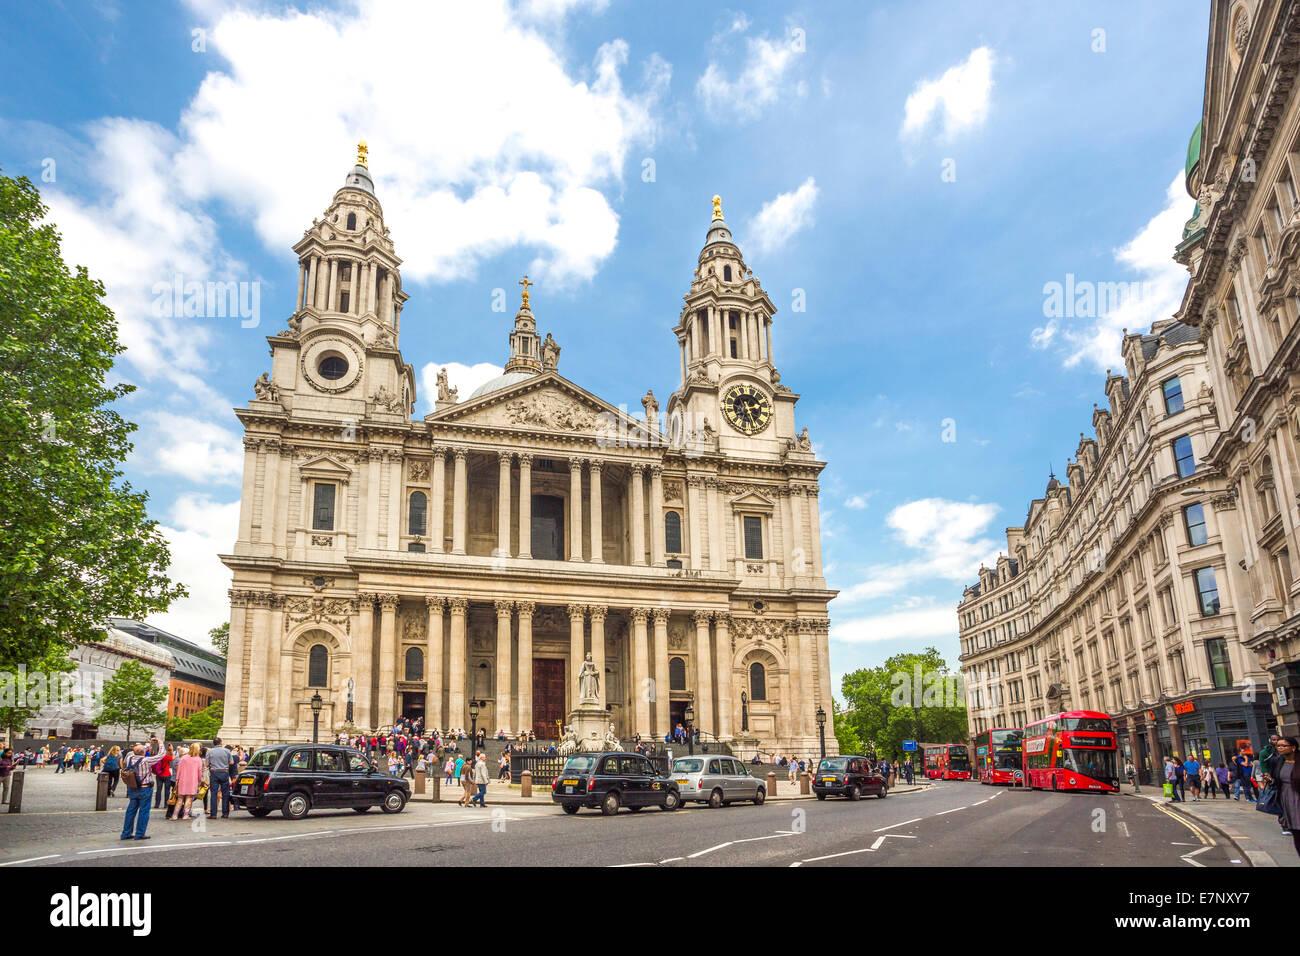 Avenue, edificio, Cathedral City di Londra, Inghilterra, San Paolo, UK, architettura, storia, religione, turismo, Immagini Stock